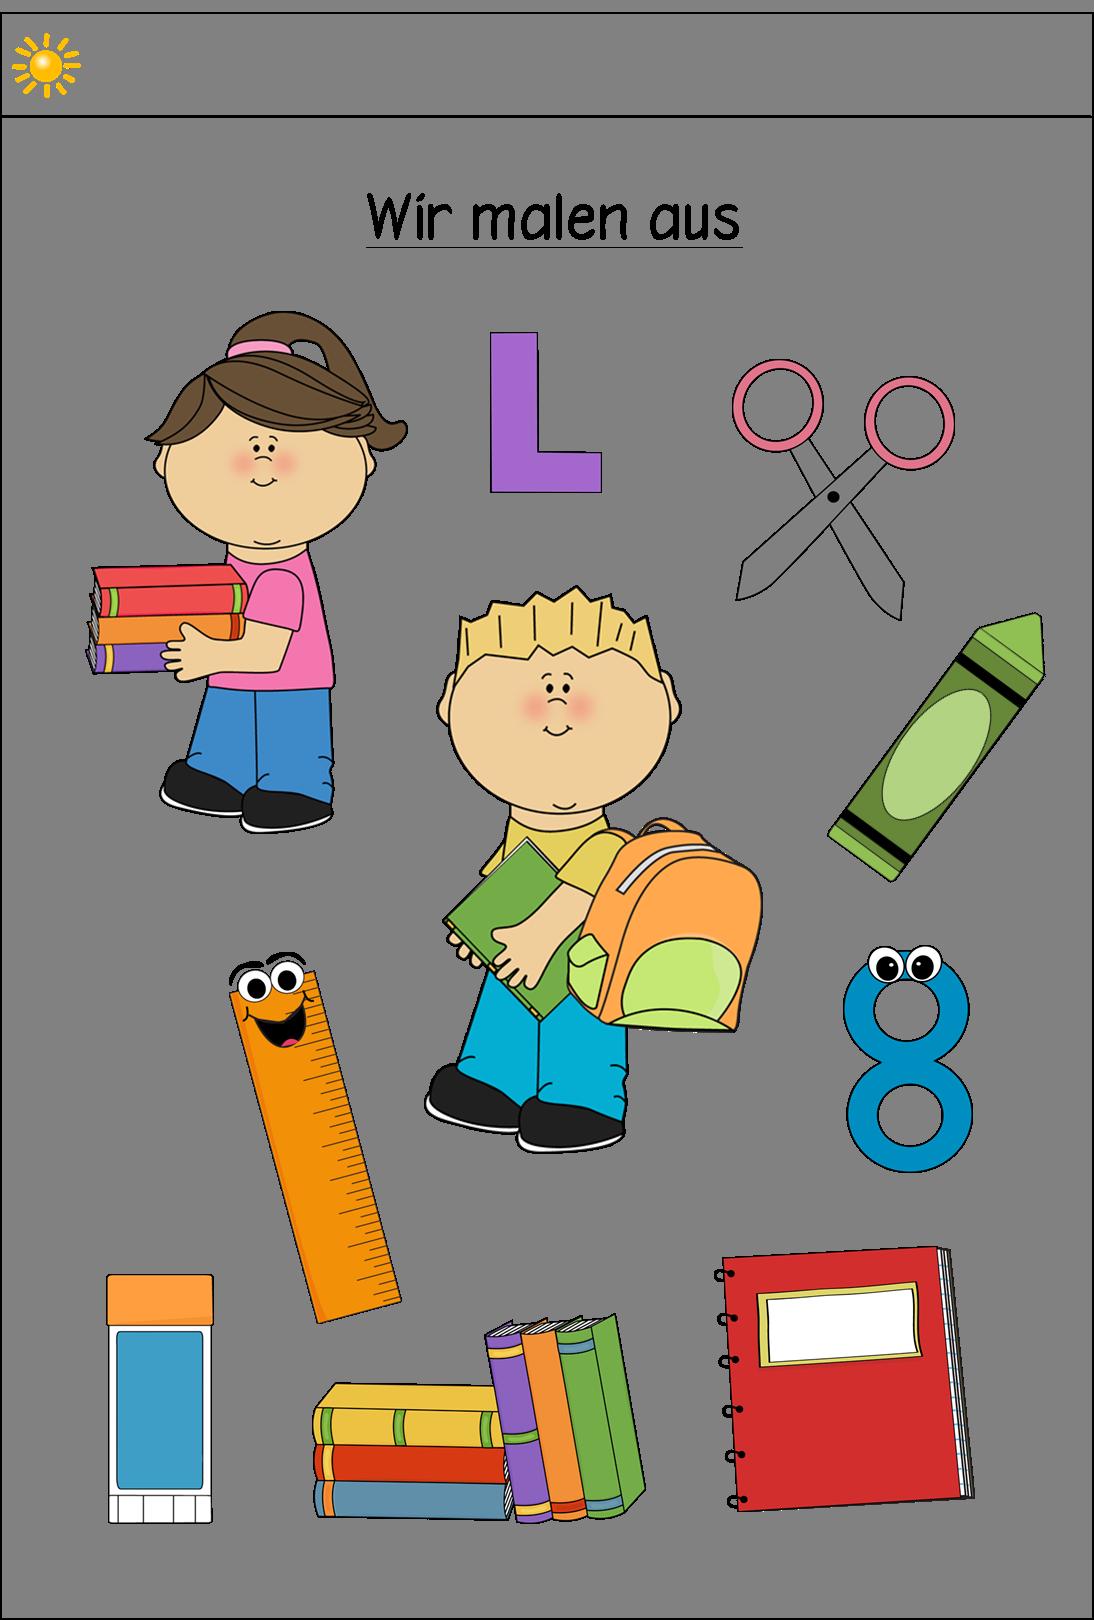 Vorkurs - Ausmalbild Schulsachen - Frau Locke